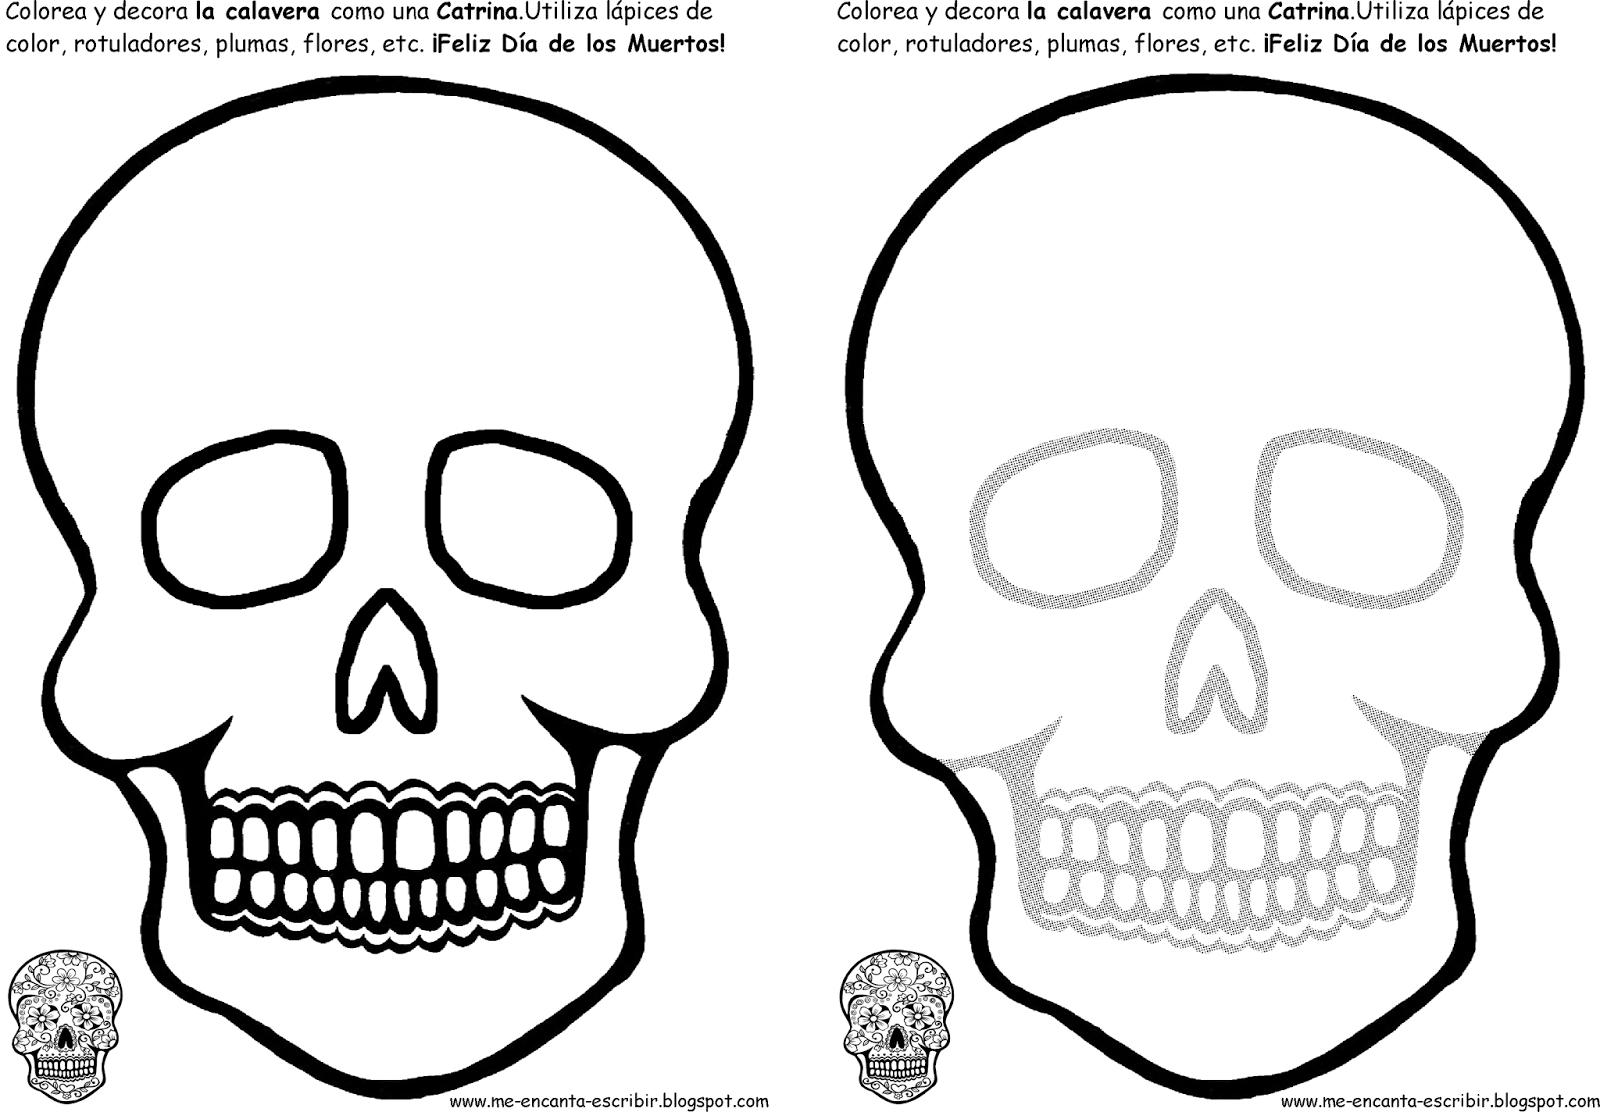 Dibujos De Calaveras Bonitas Para Colorear: Dibujos Para Colorear De Calaveras Imagenes Sketch